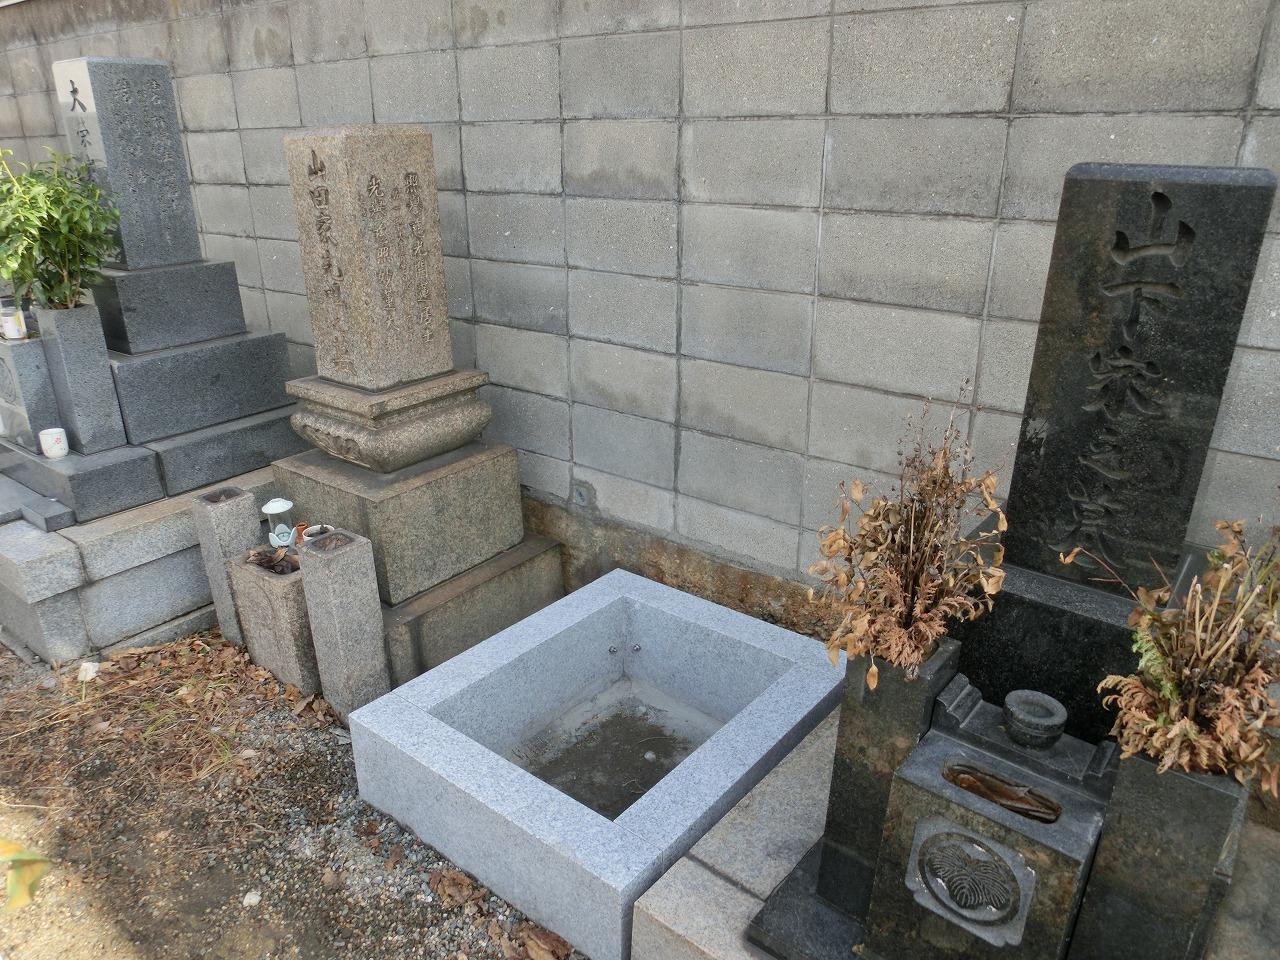 常光寺共同墓地(尼崎市)の空き区画の様子